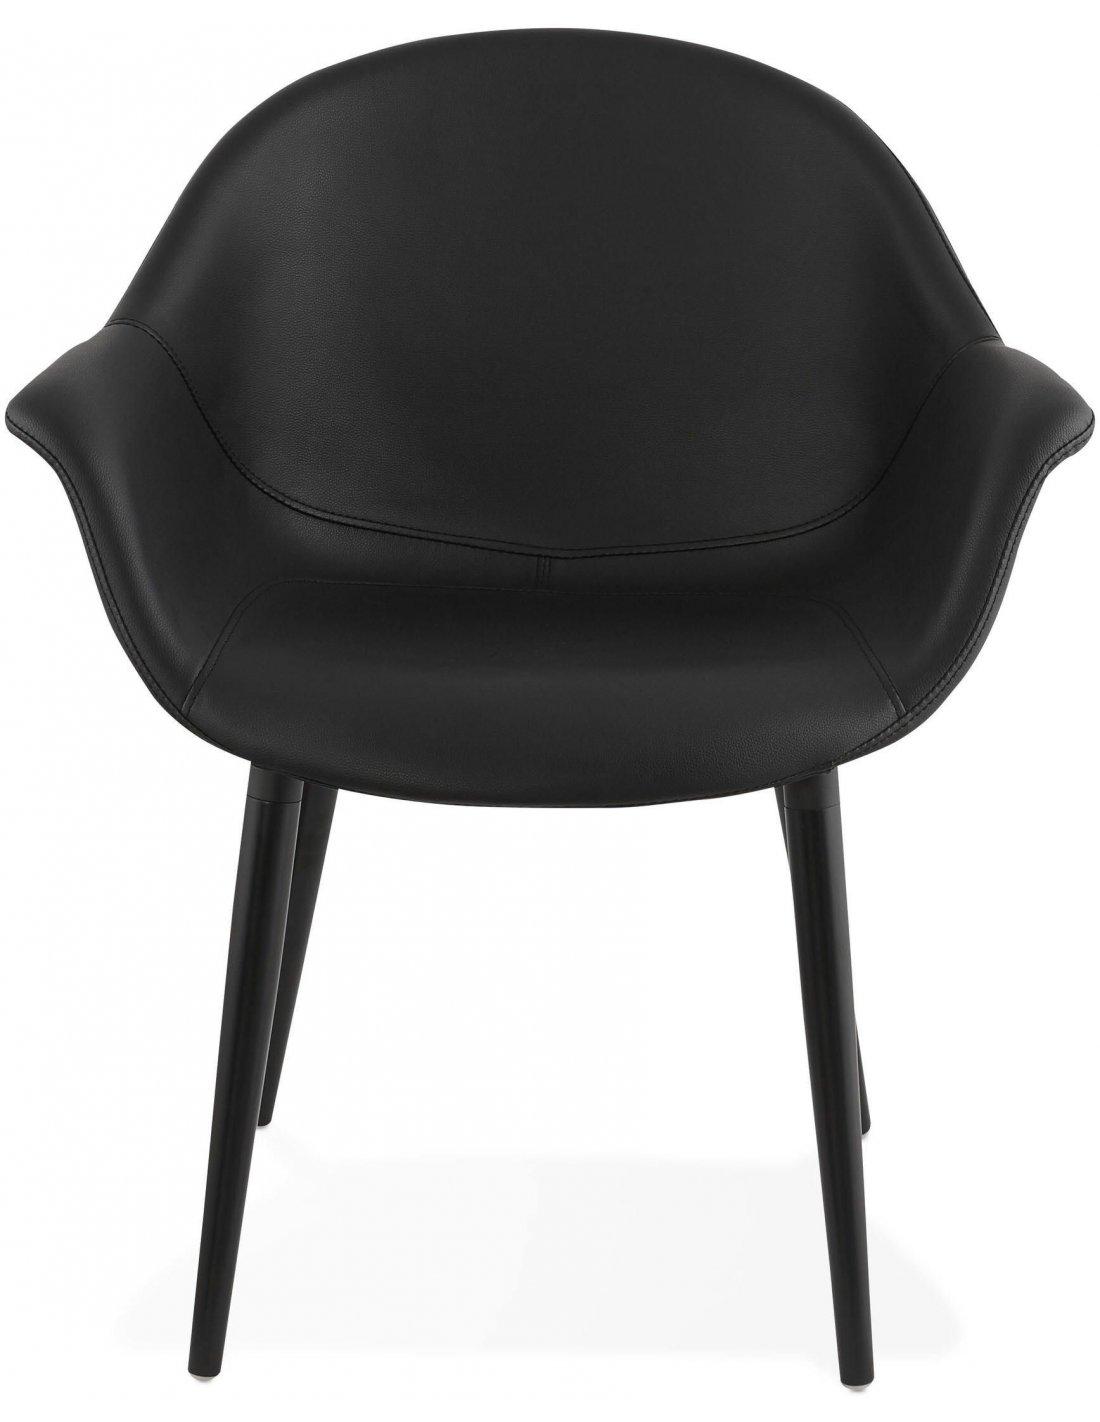 fauteuil simili cuir noir melrose 249 12 chez recollection. Black Bedroom Furniture Sets. Home Design Ideas